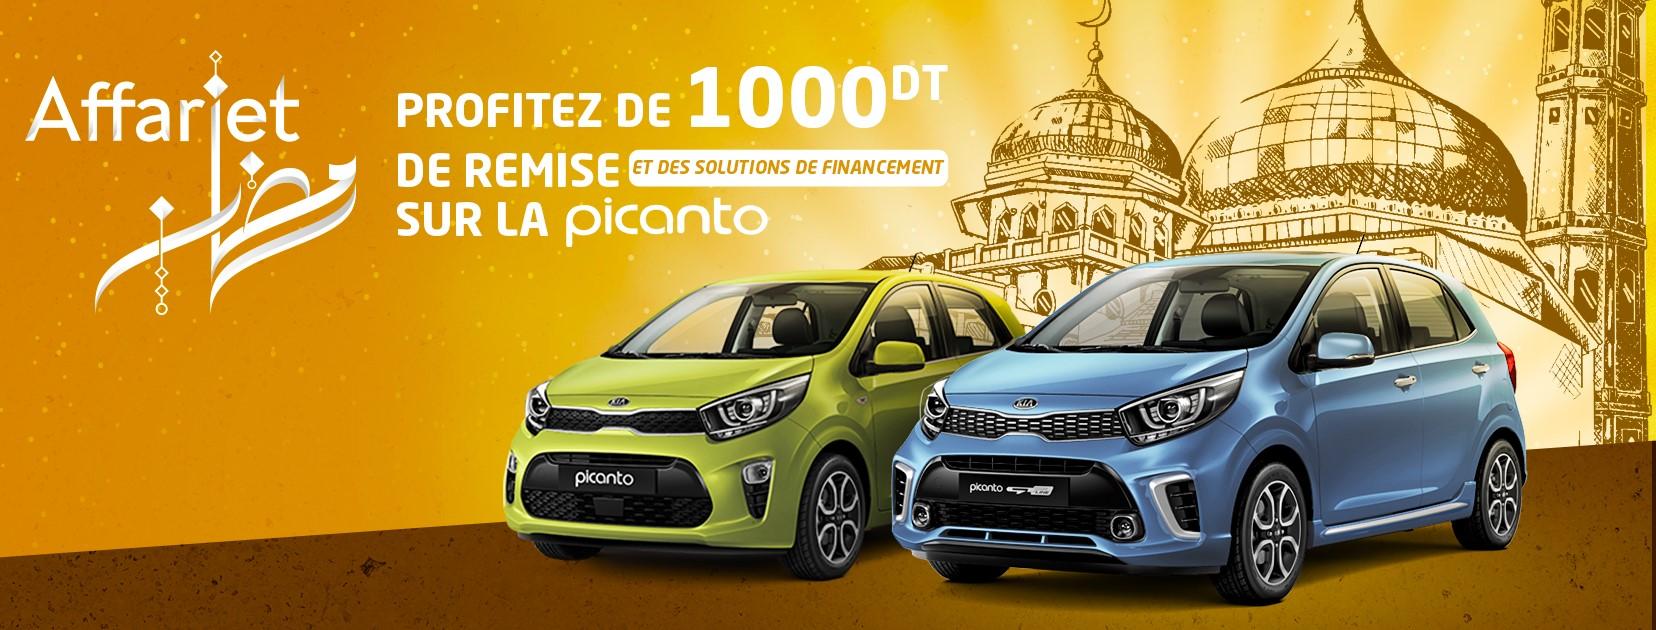 City Cars lance une offre spéciale sur la Kia Picanto